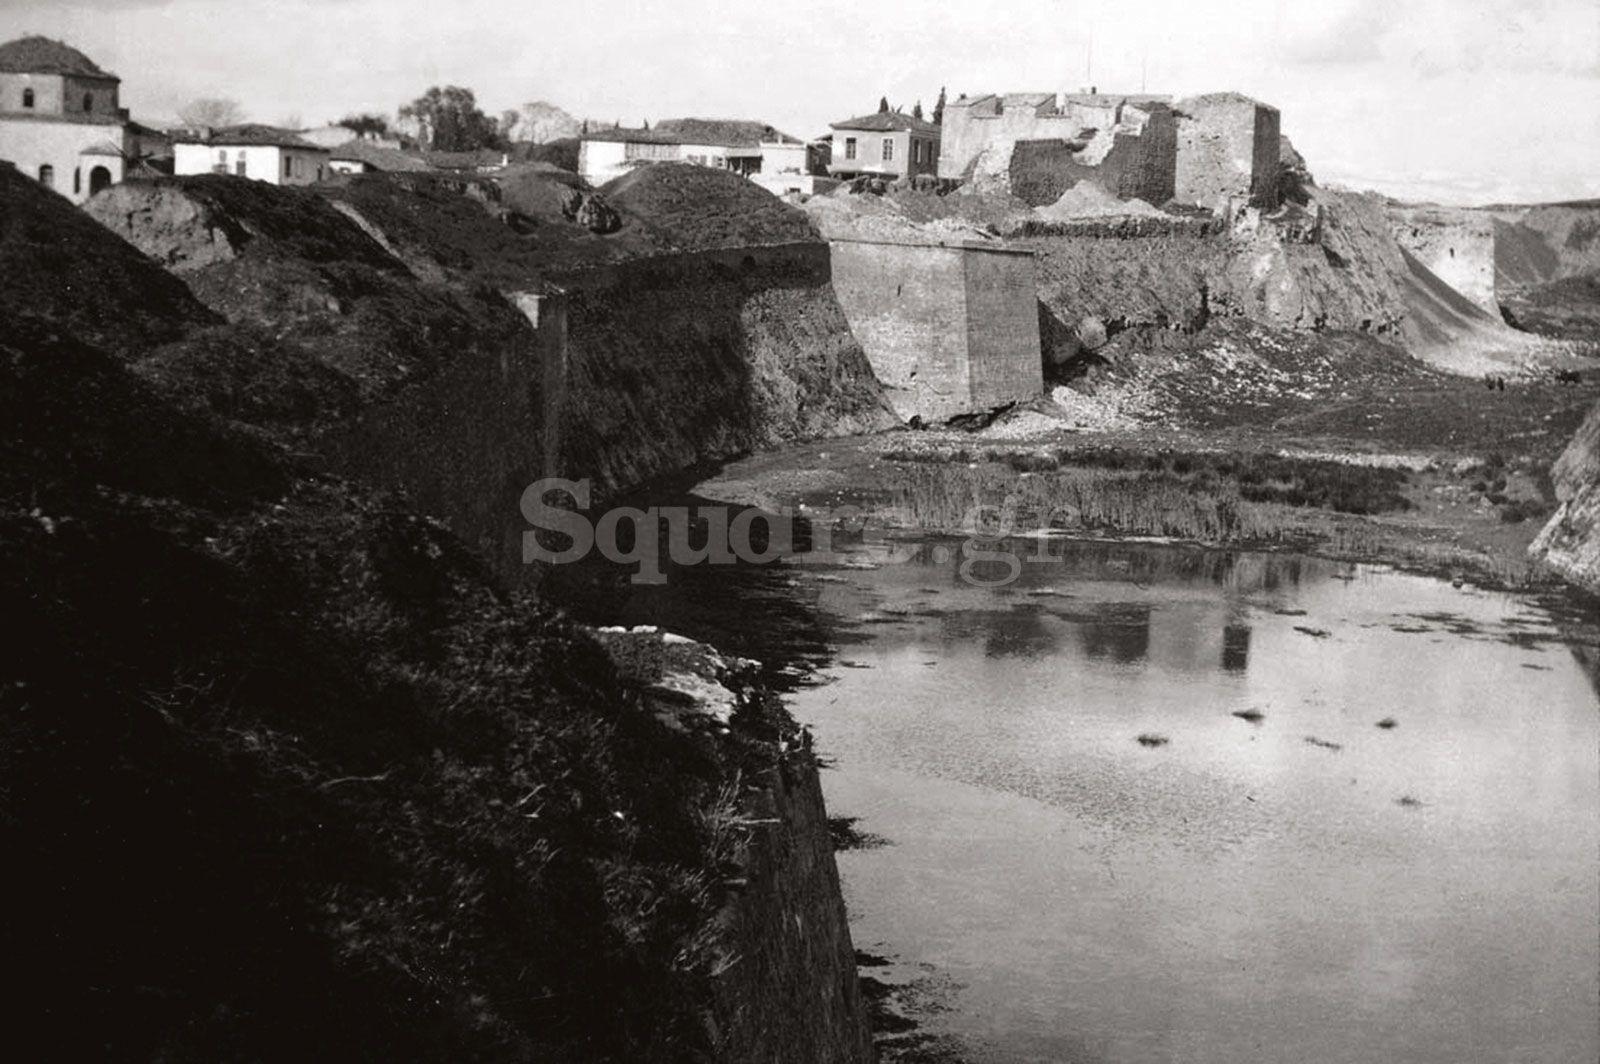 1-Τάφρος-και-μεσαιωνικό-τείχος-της-Χαλκίδας-μέσα-στο-χώρο-της-σχολής-πεζικού-παλιά-φωτο-τάφρου